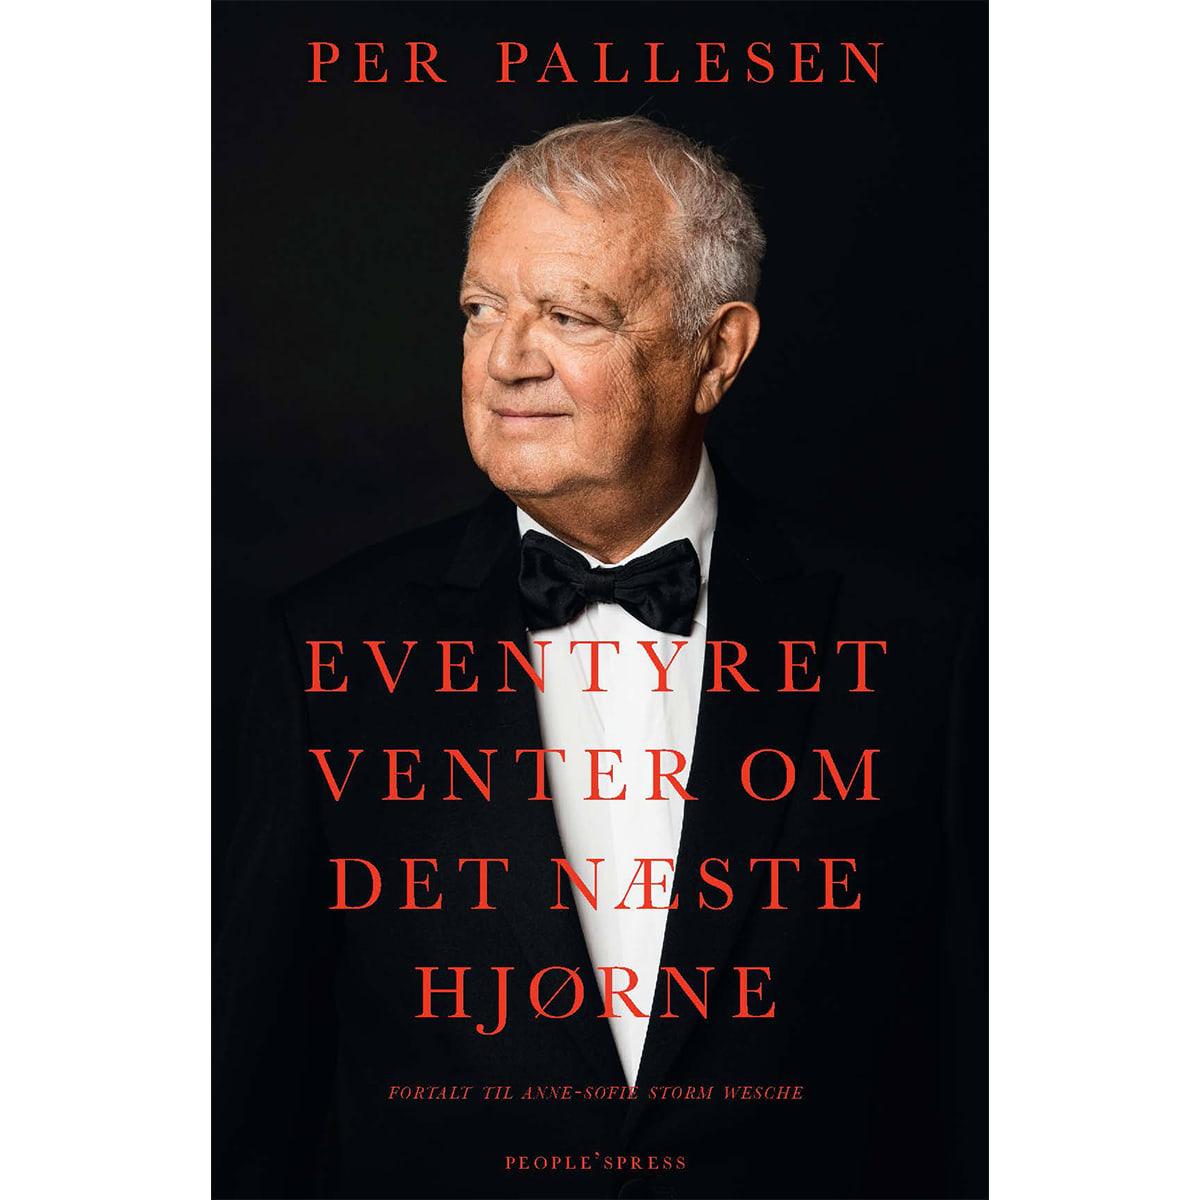 Af Per Pallesen & Anne-Sofie Storm Wesche